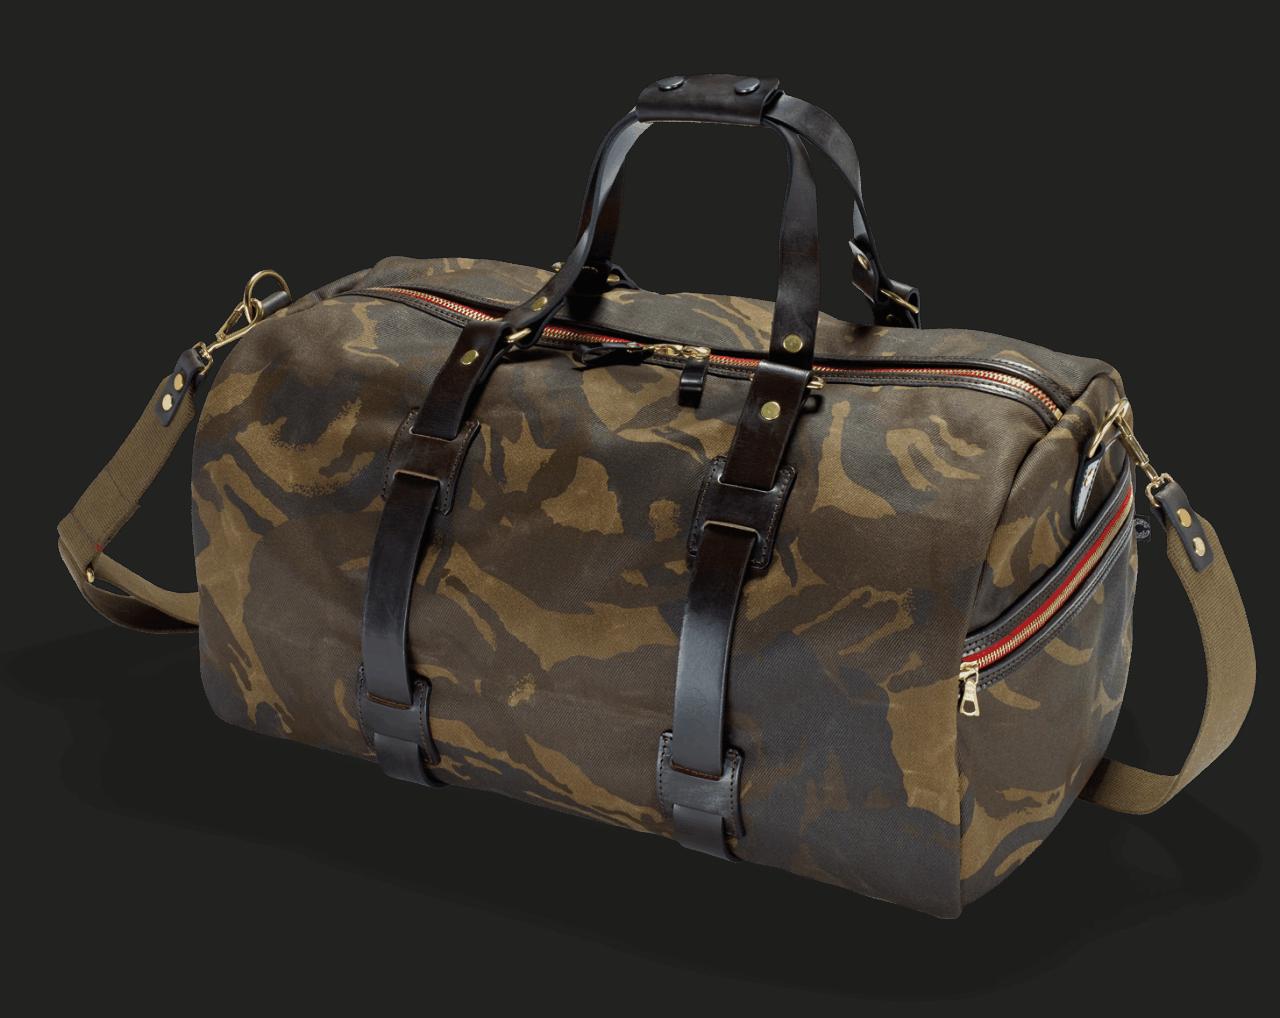 Croots Waxed Camo Duffle Bag med.